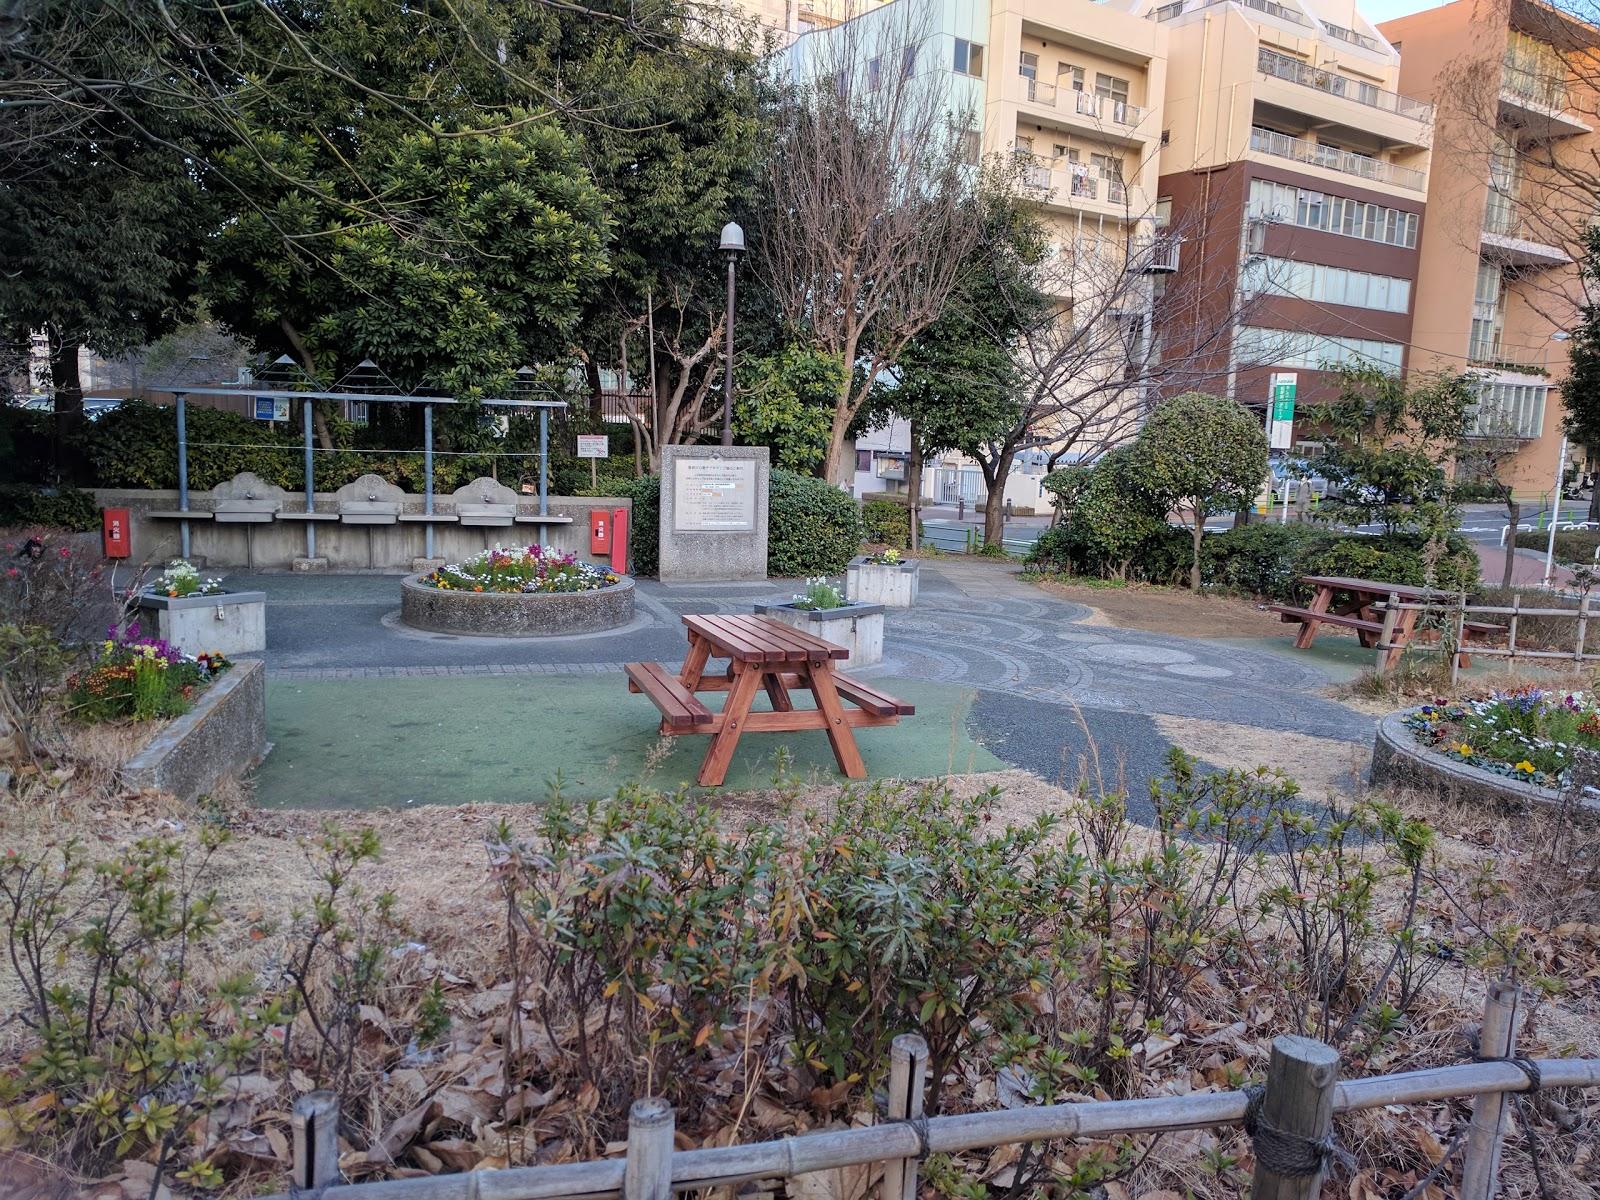 築地川公園デイキャンプ場の風景